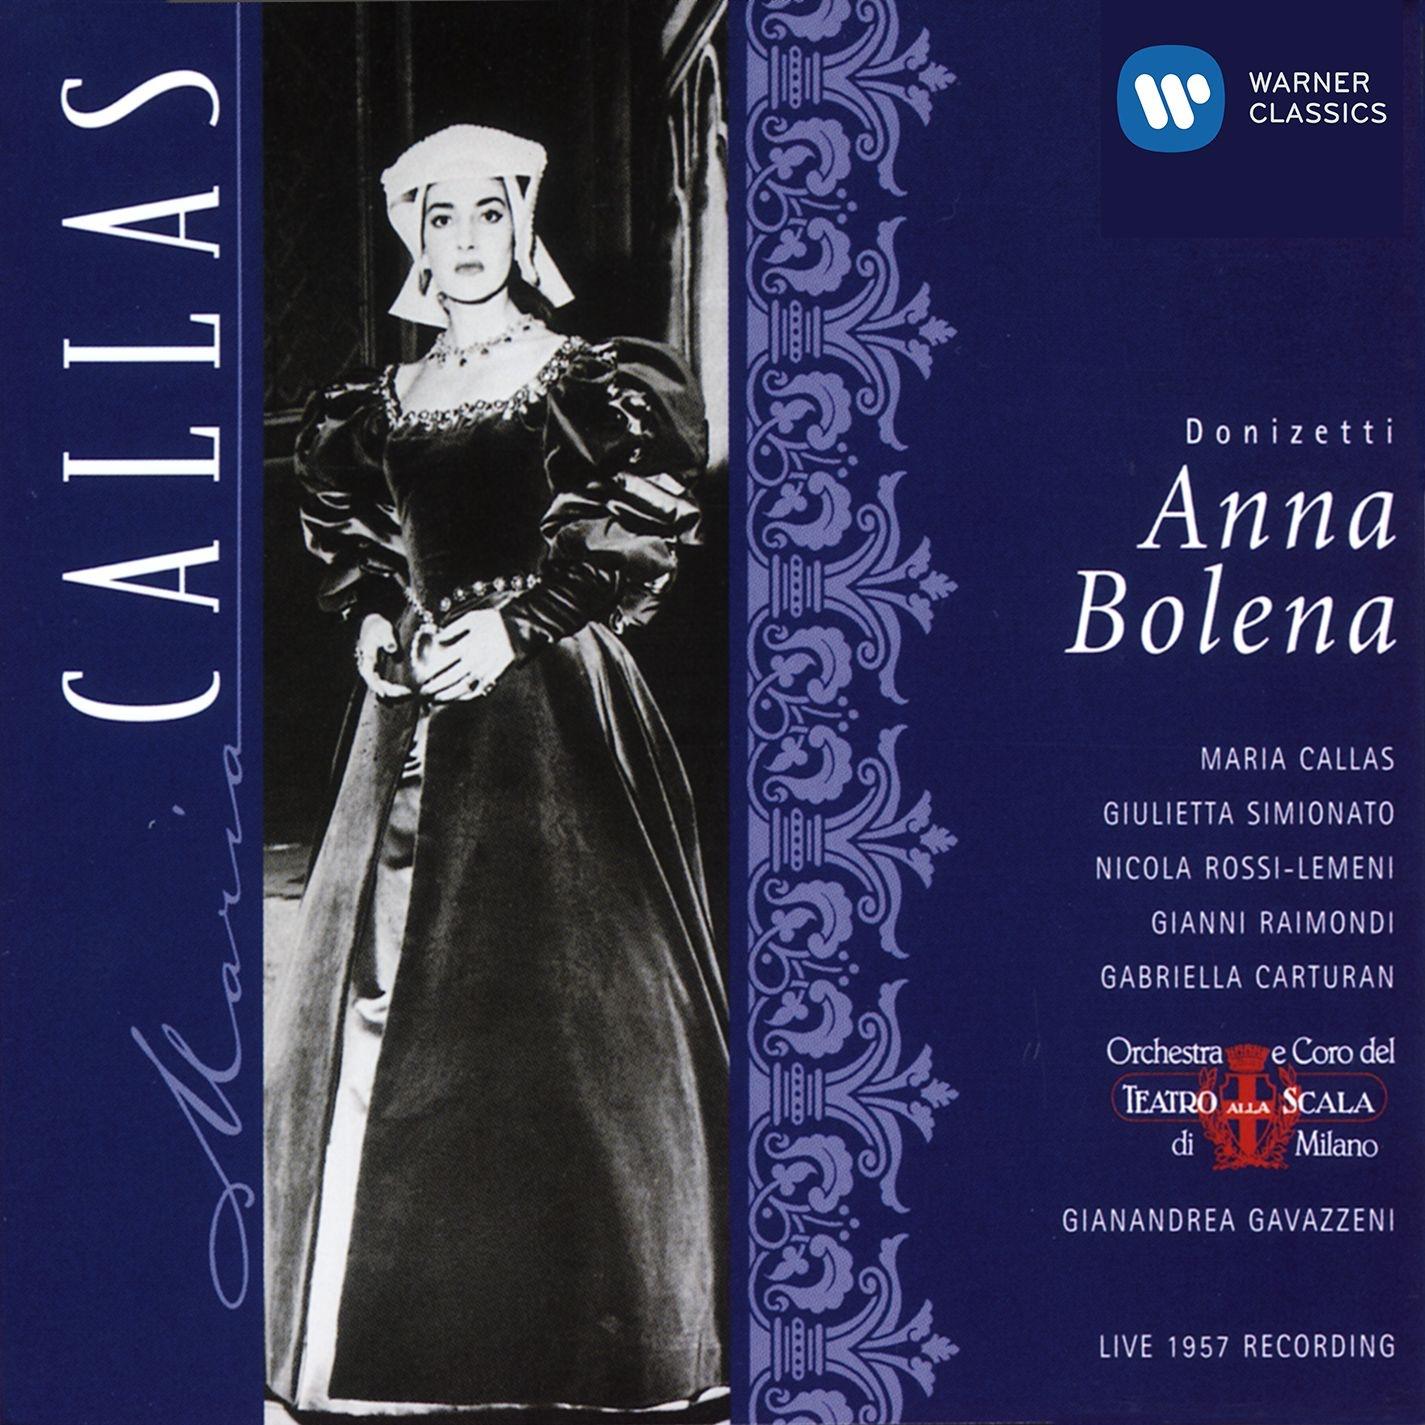 Anna Bolena: Come, innocente giovane...